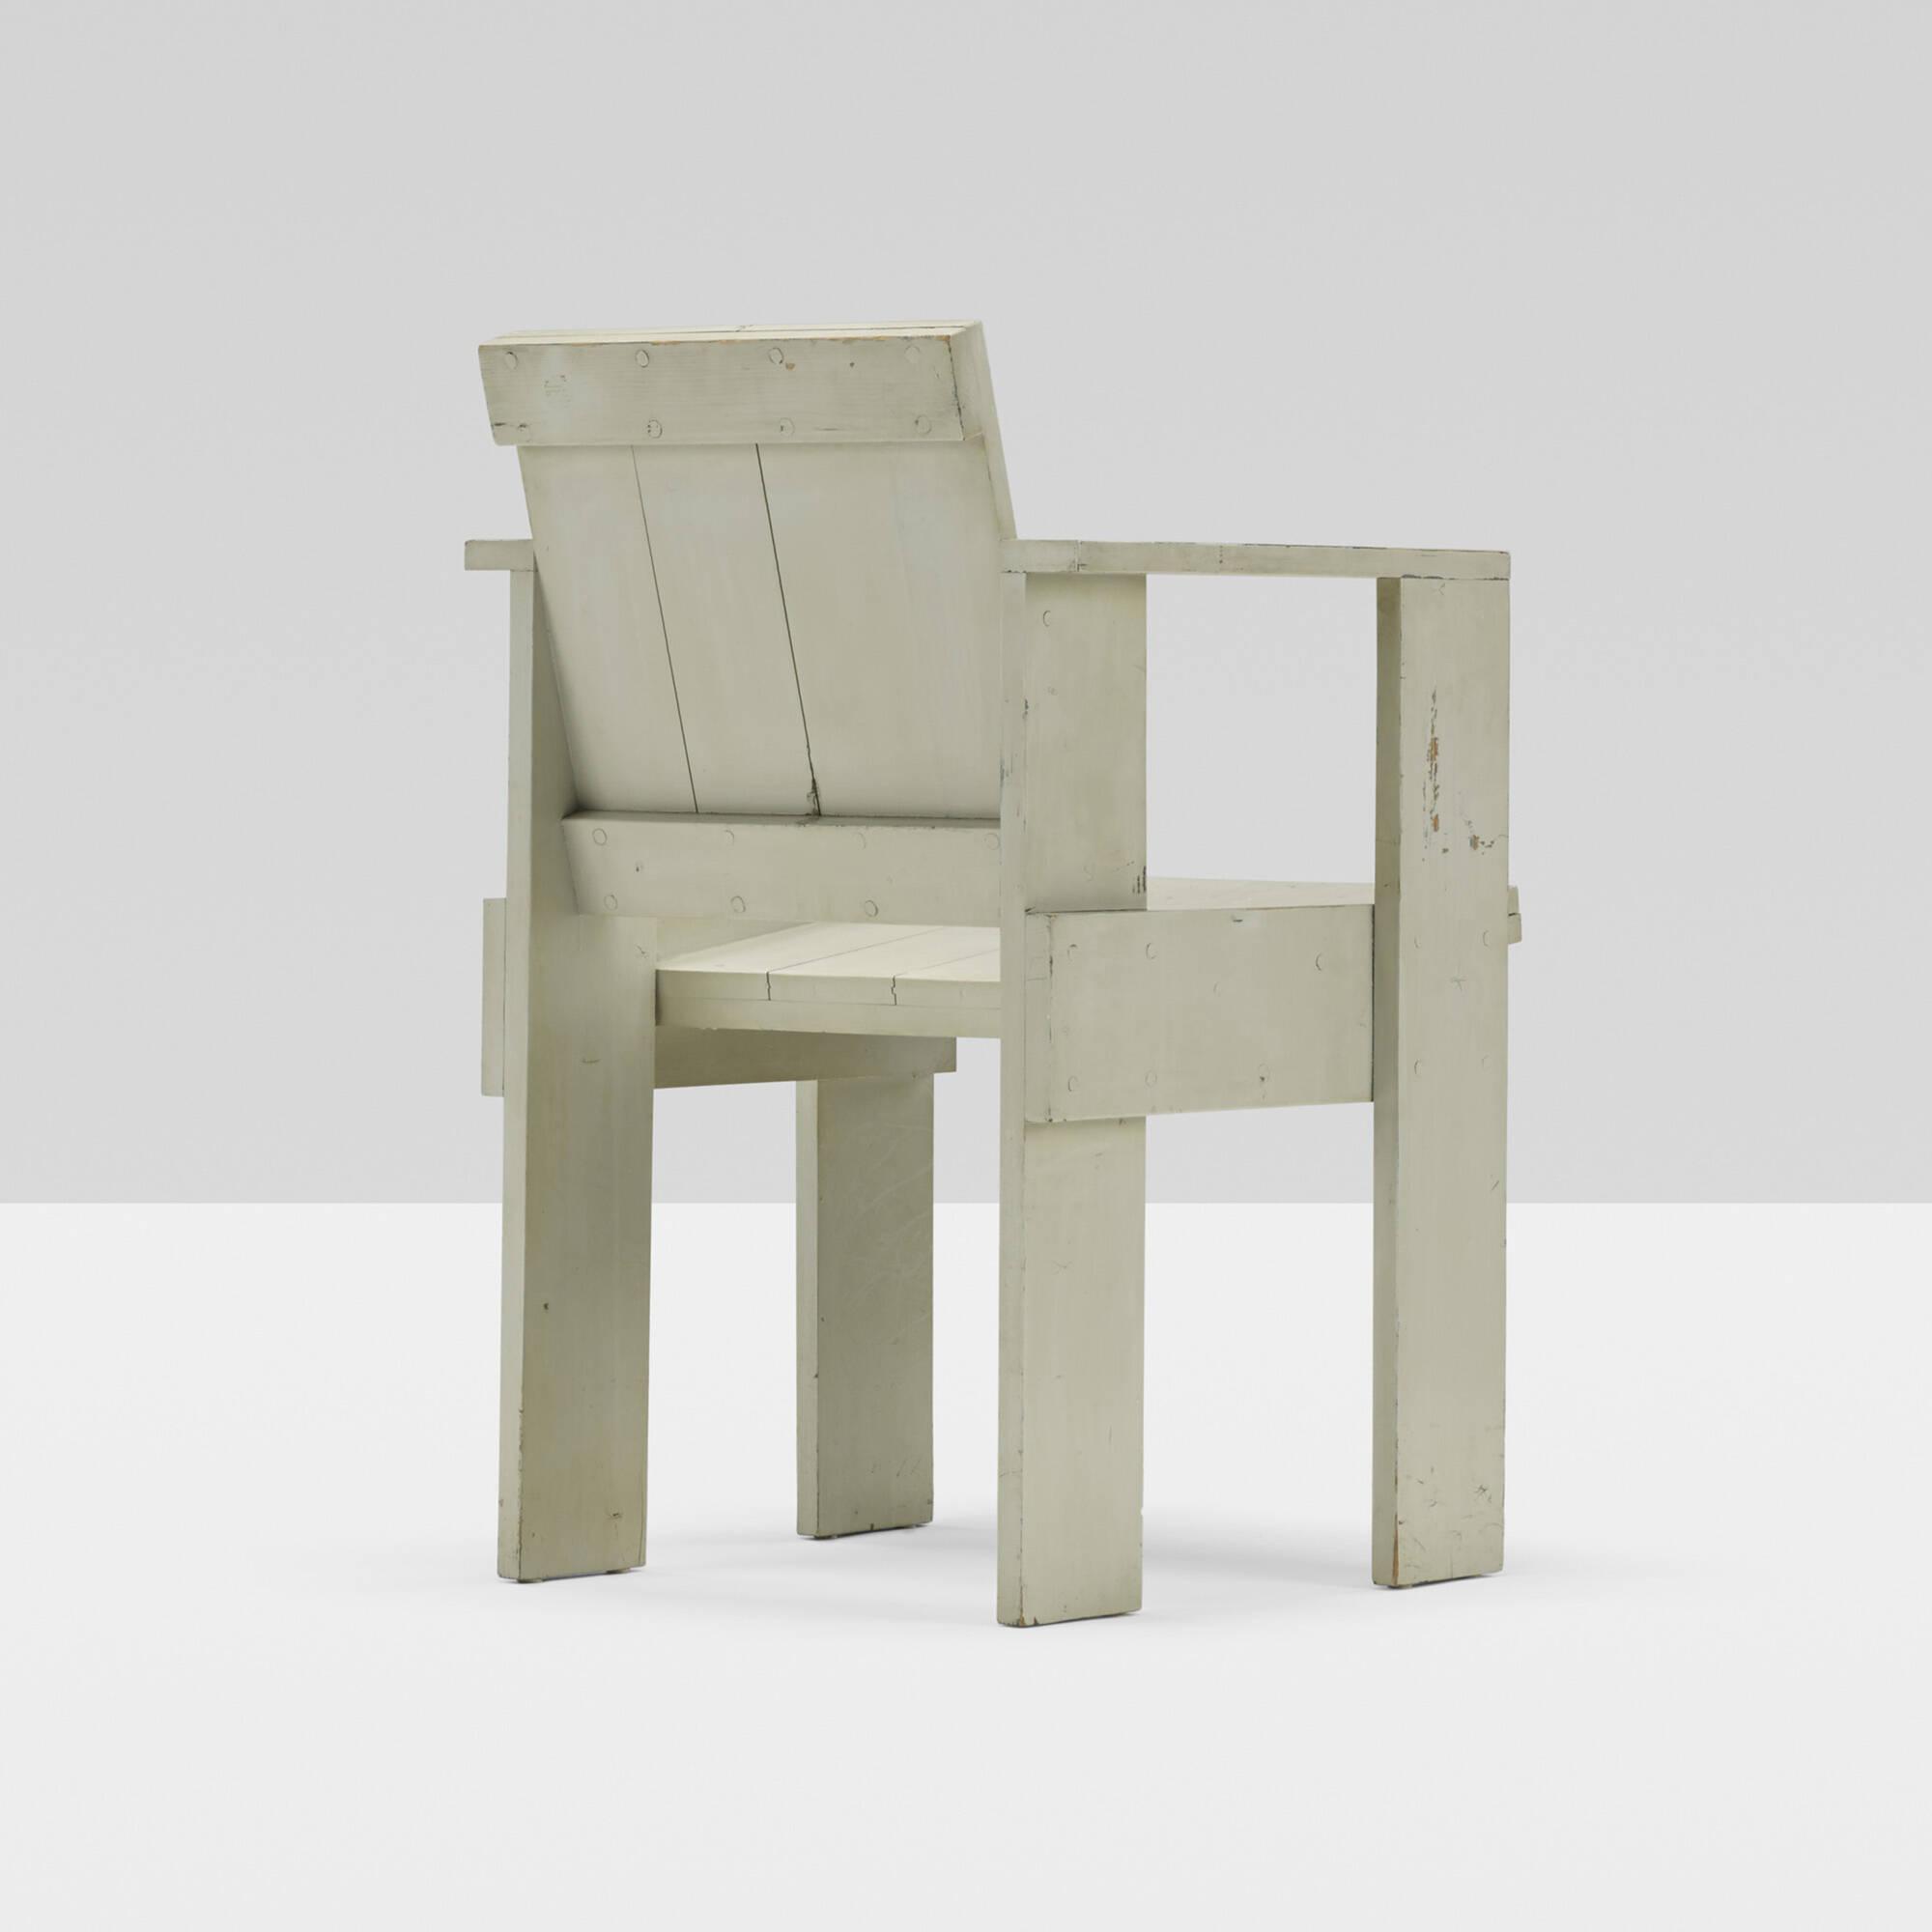 Merveilleux 159: Gerrit Rietveld / Crate Chair (1 Of 4)